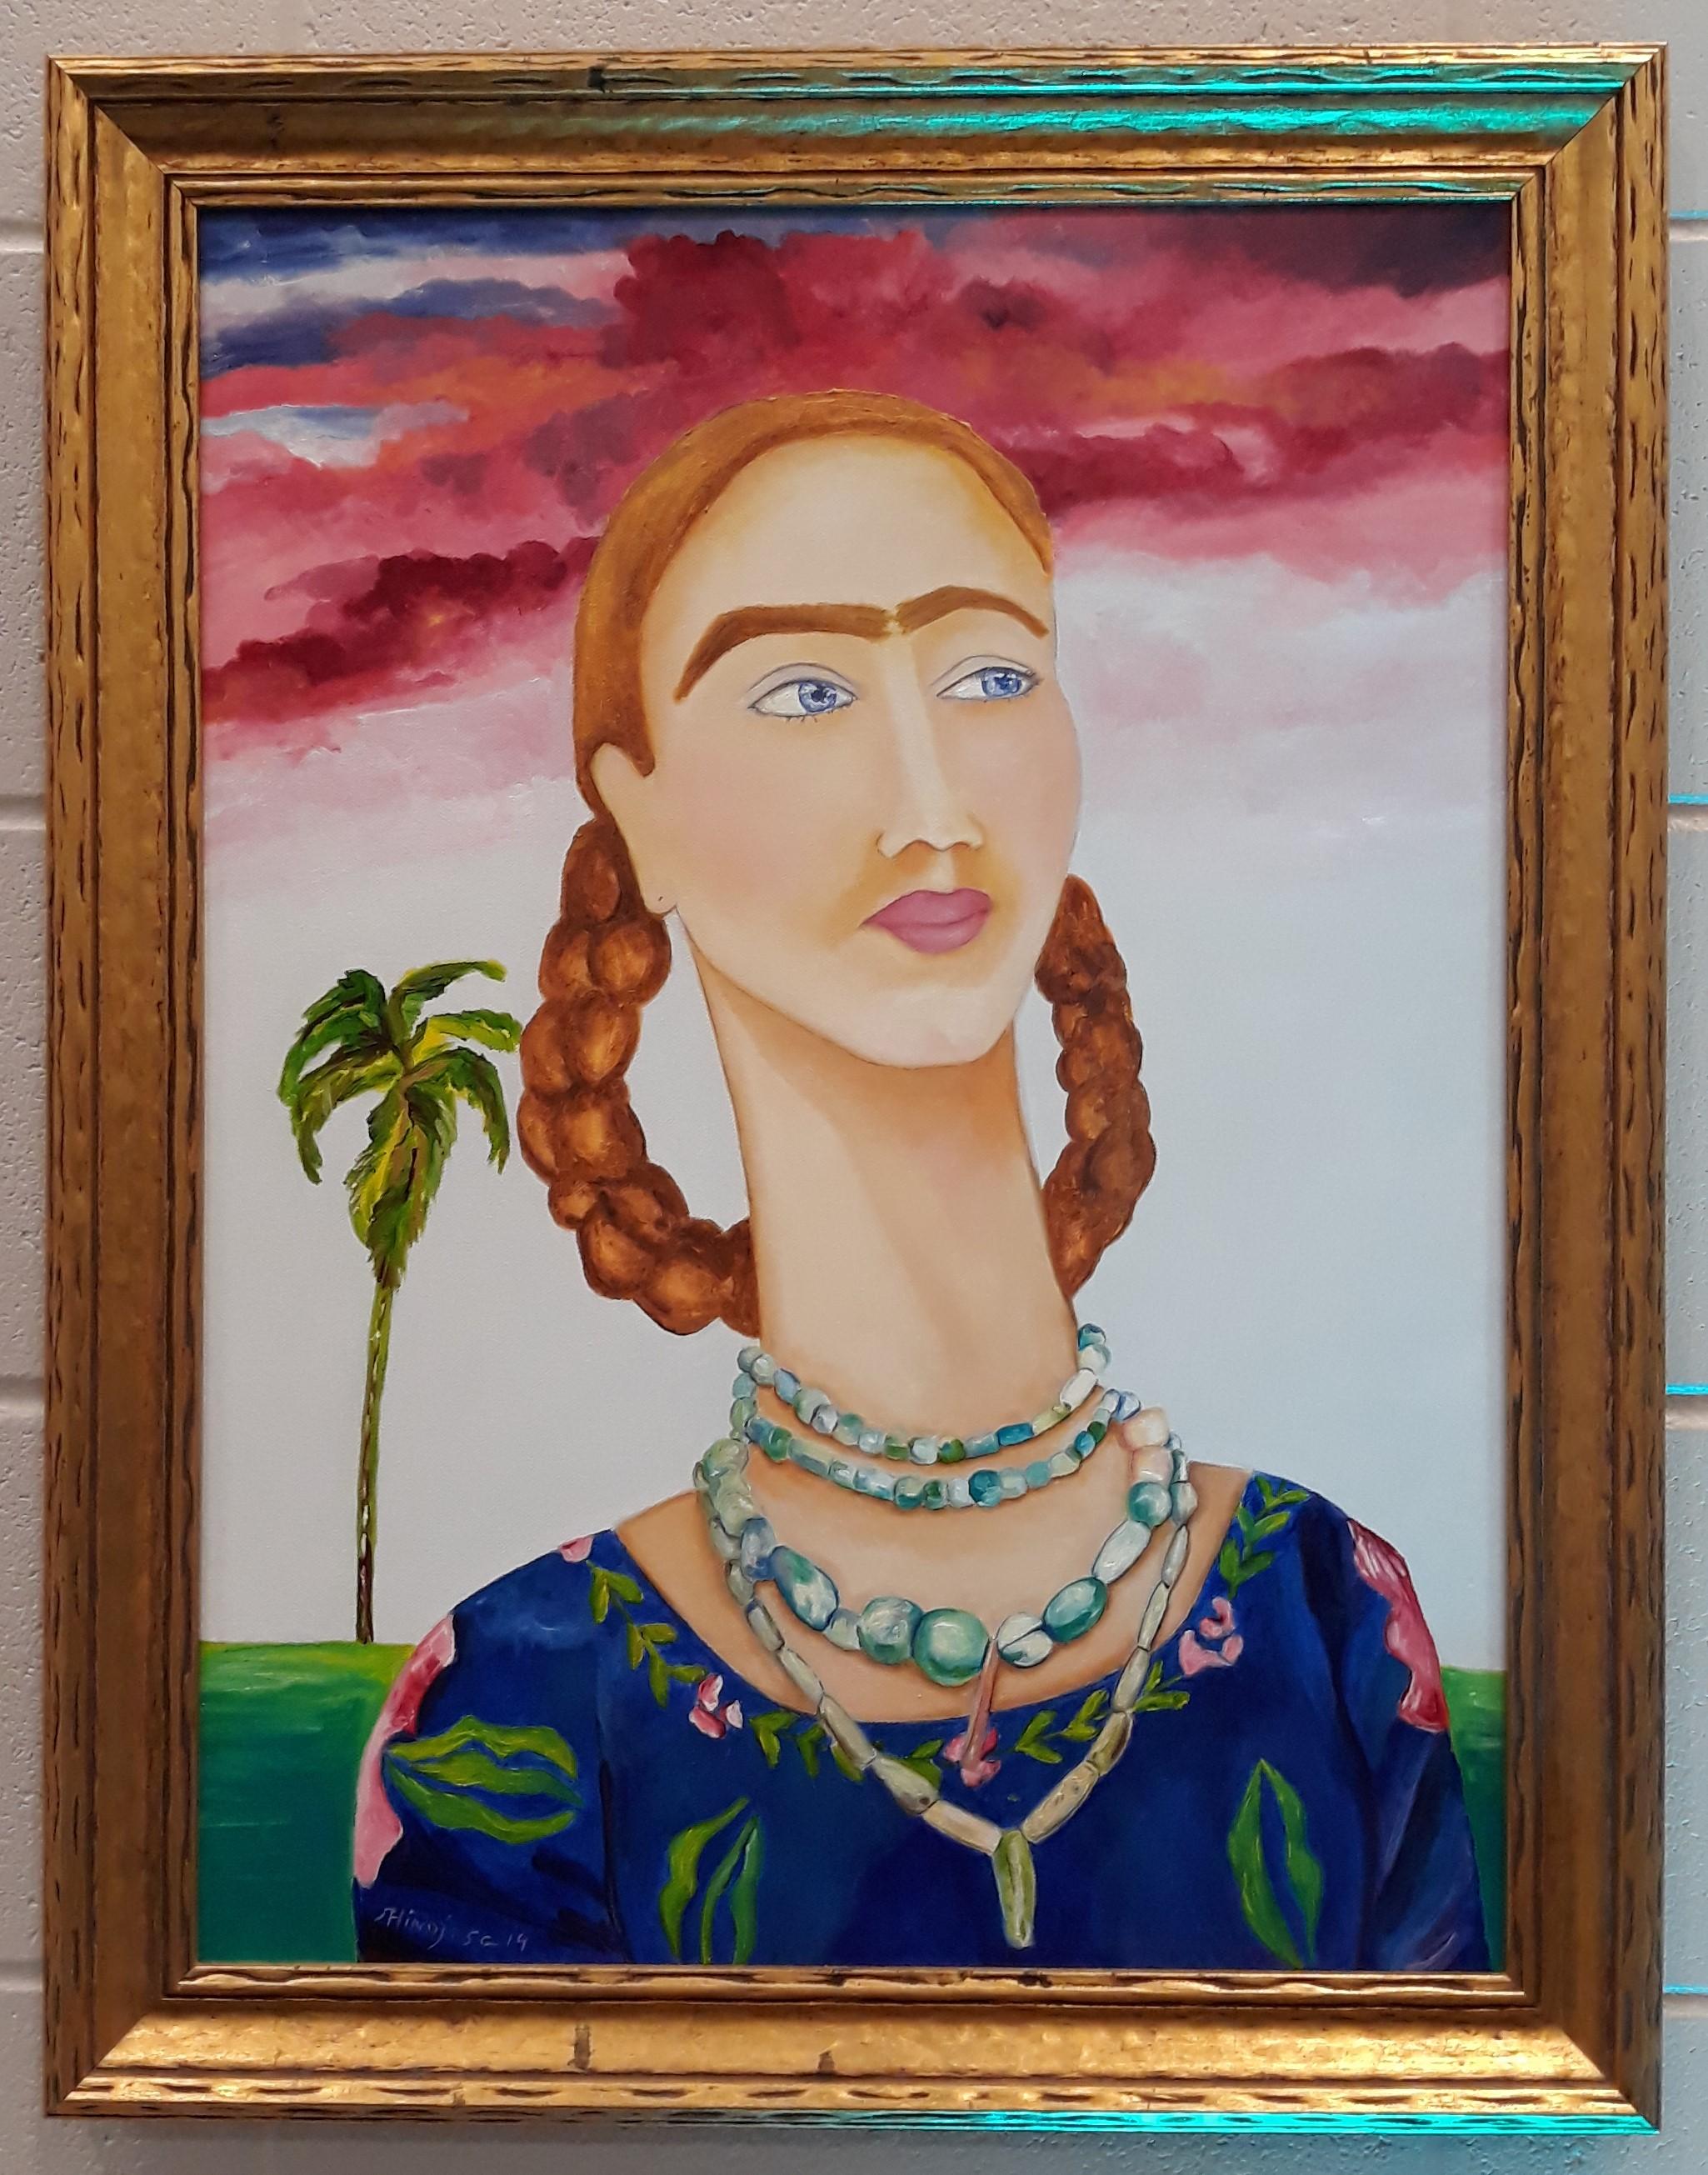 Frida in Blossom Raquel Hinojosa